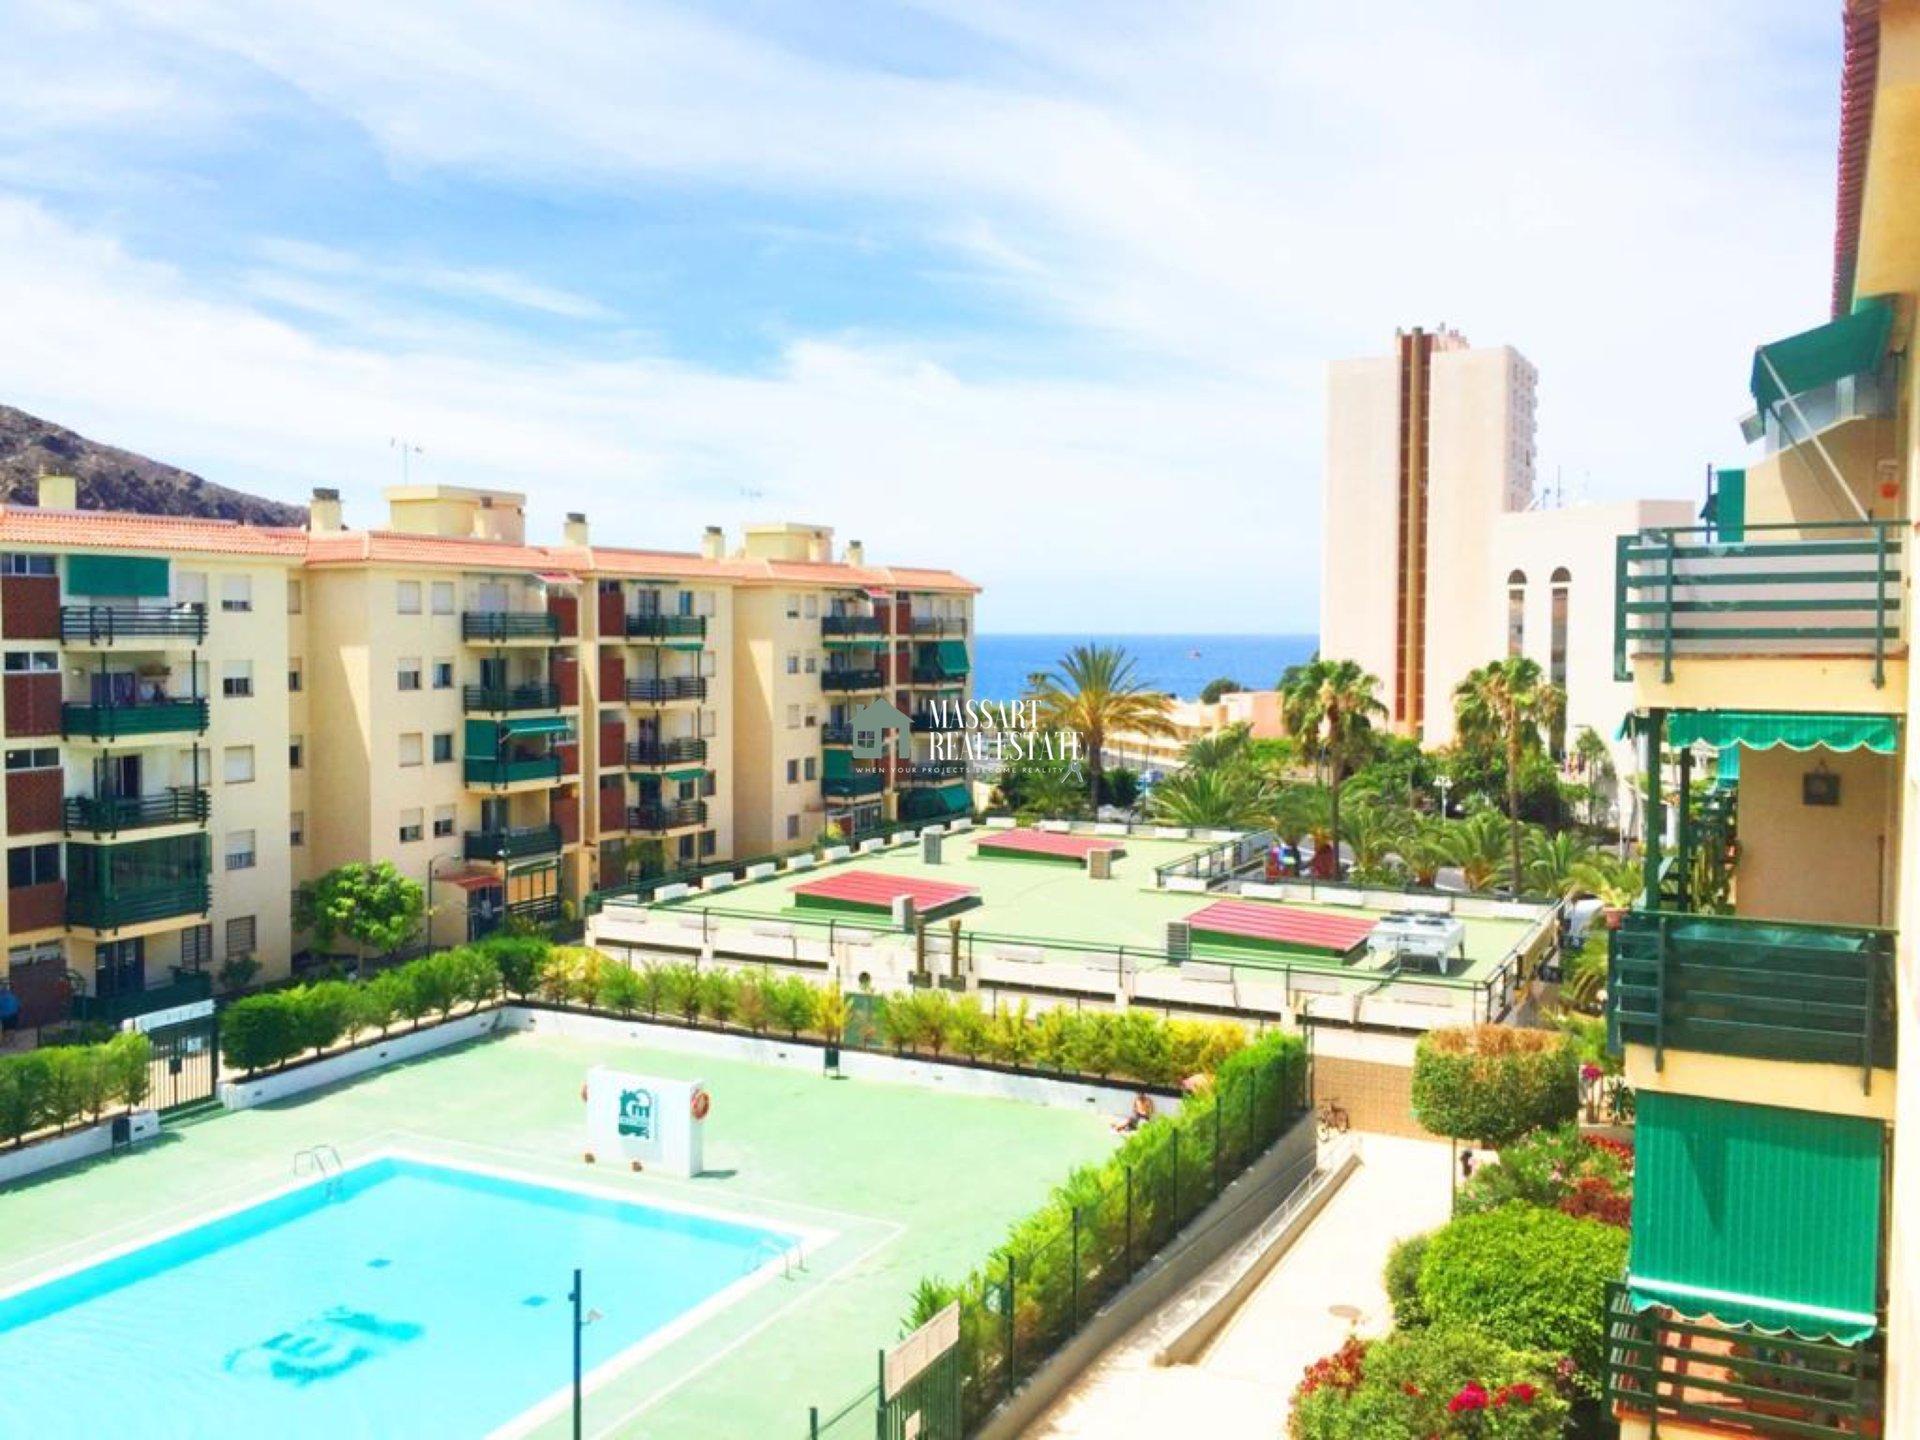 Te presentamos hoy este maravilloso apartamento en VENTA en el centro de Los Cristianos, en el complejo residencial Cristimar. ¡Muy próximo a la playa!